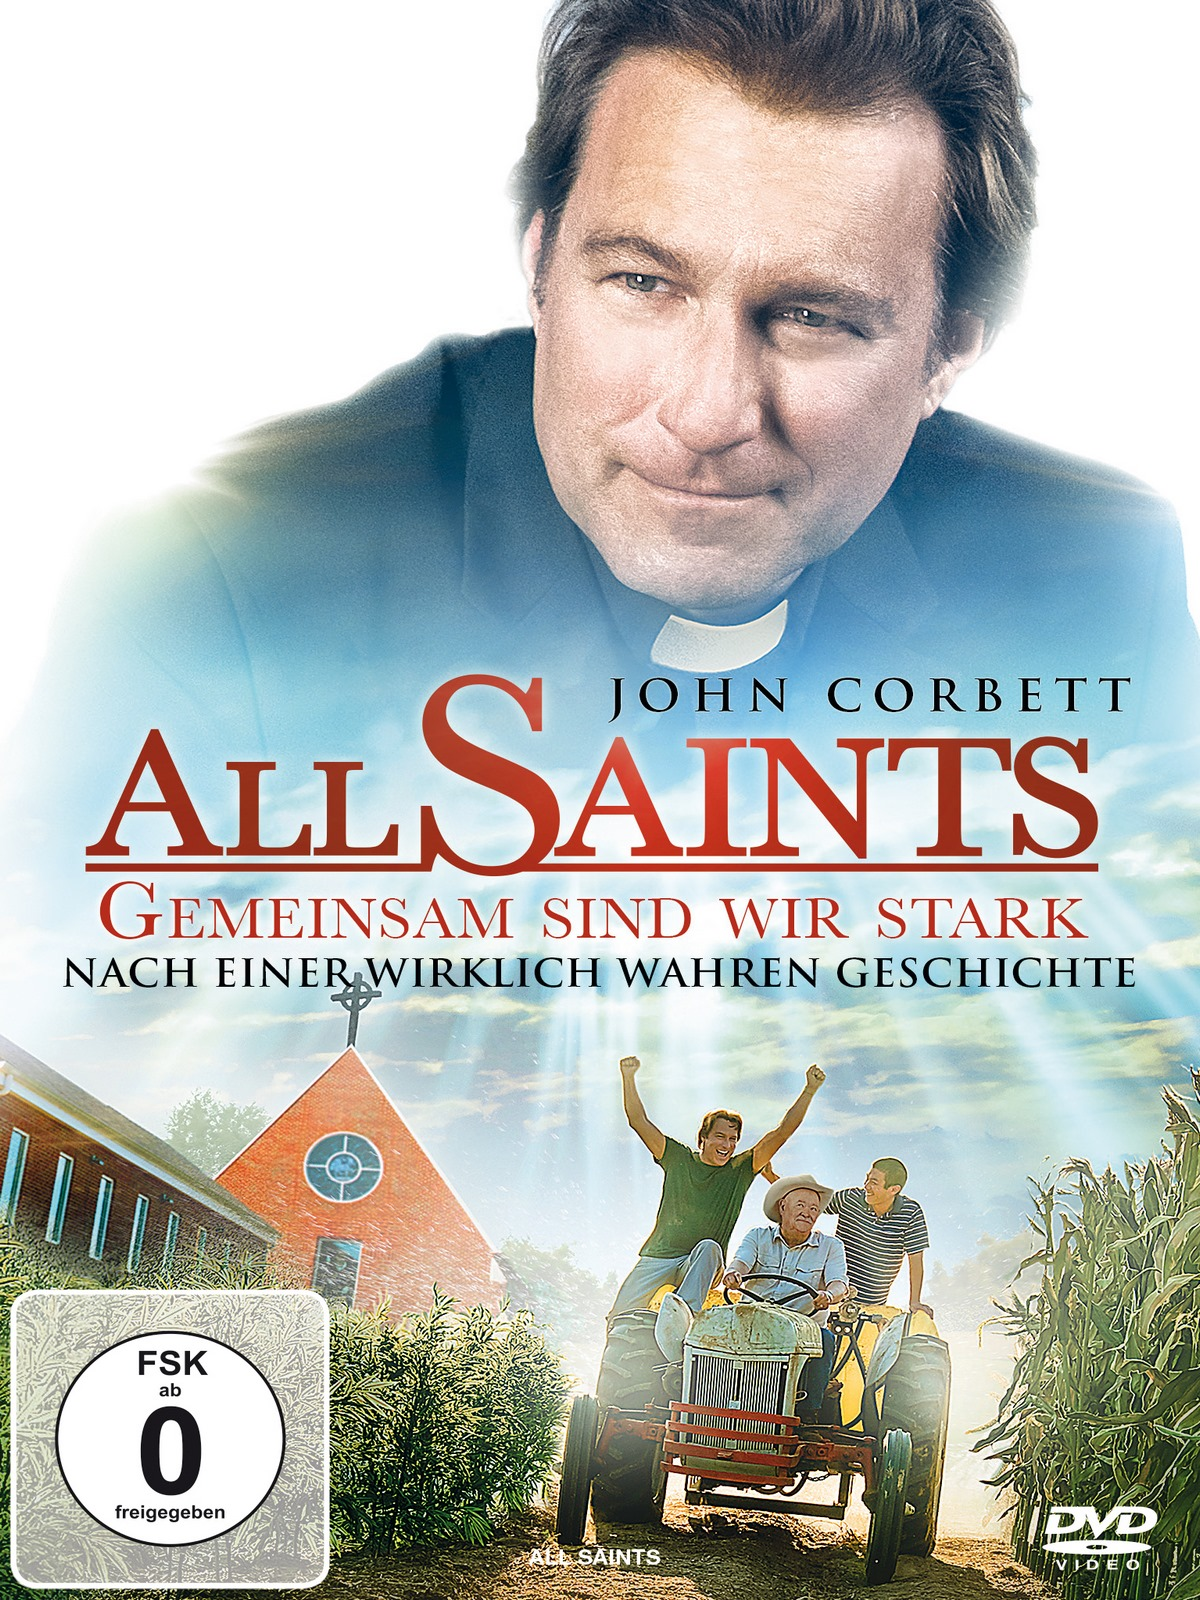 All Saints Gemeinsam Sind Wir Stark